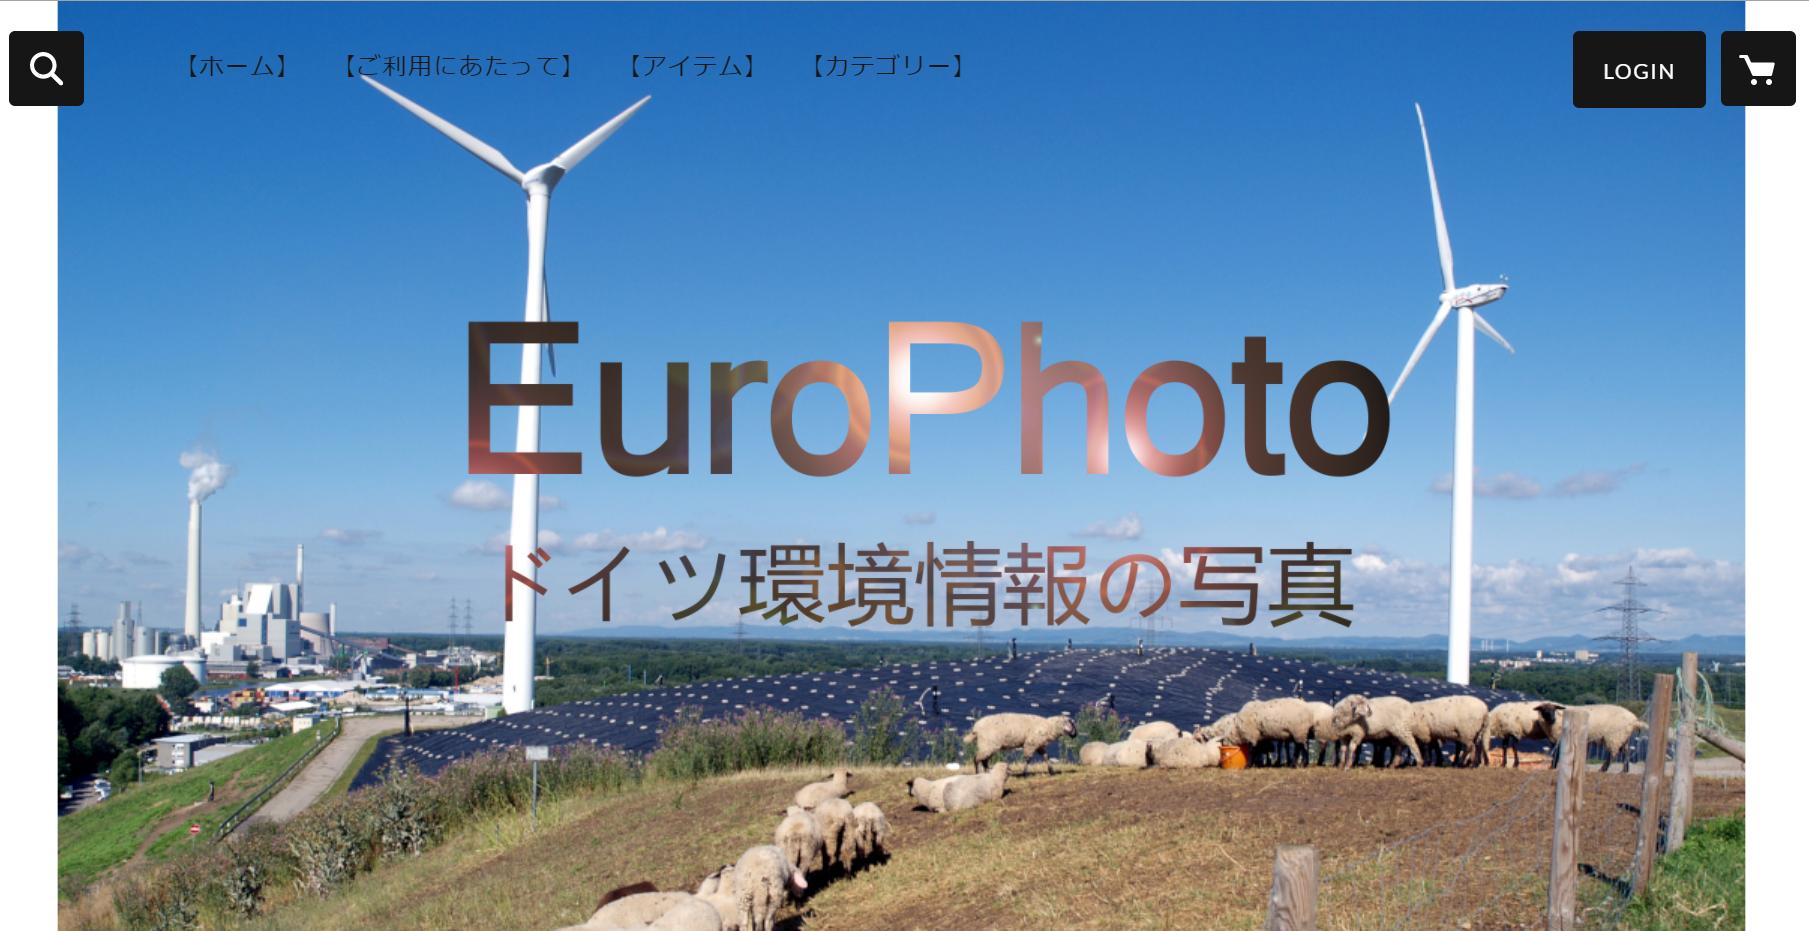 【ショップ】ドイツ環境情報の写真